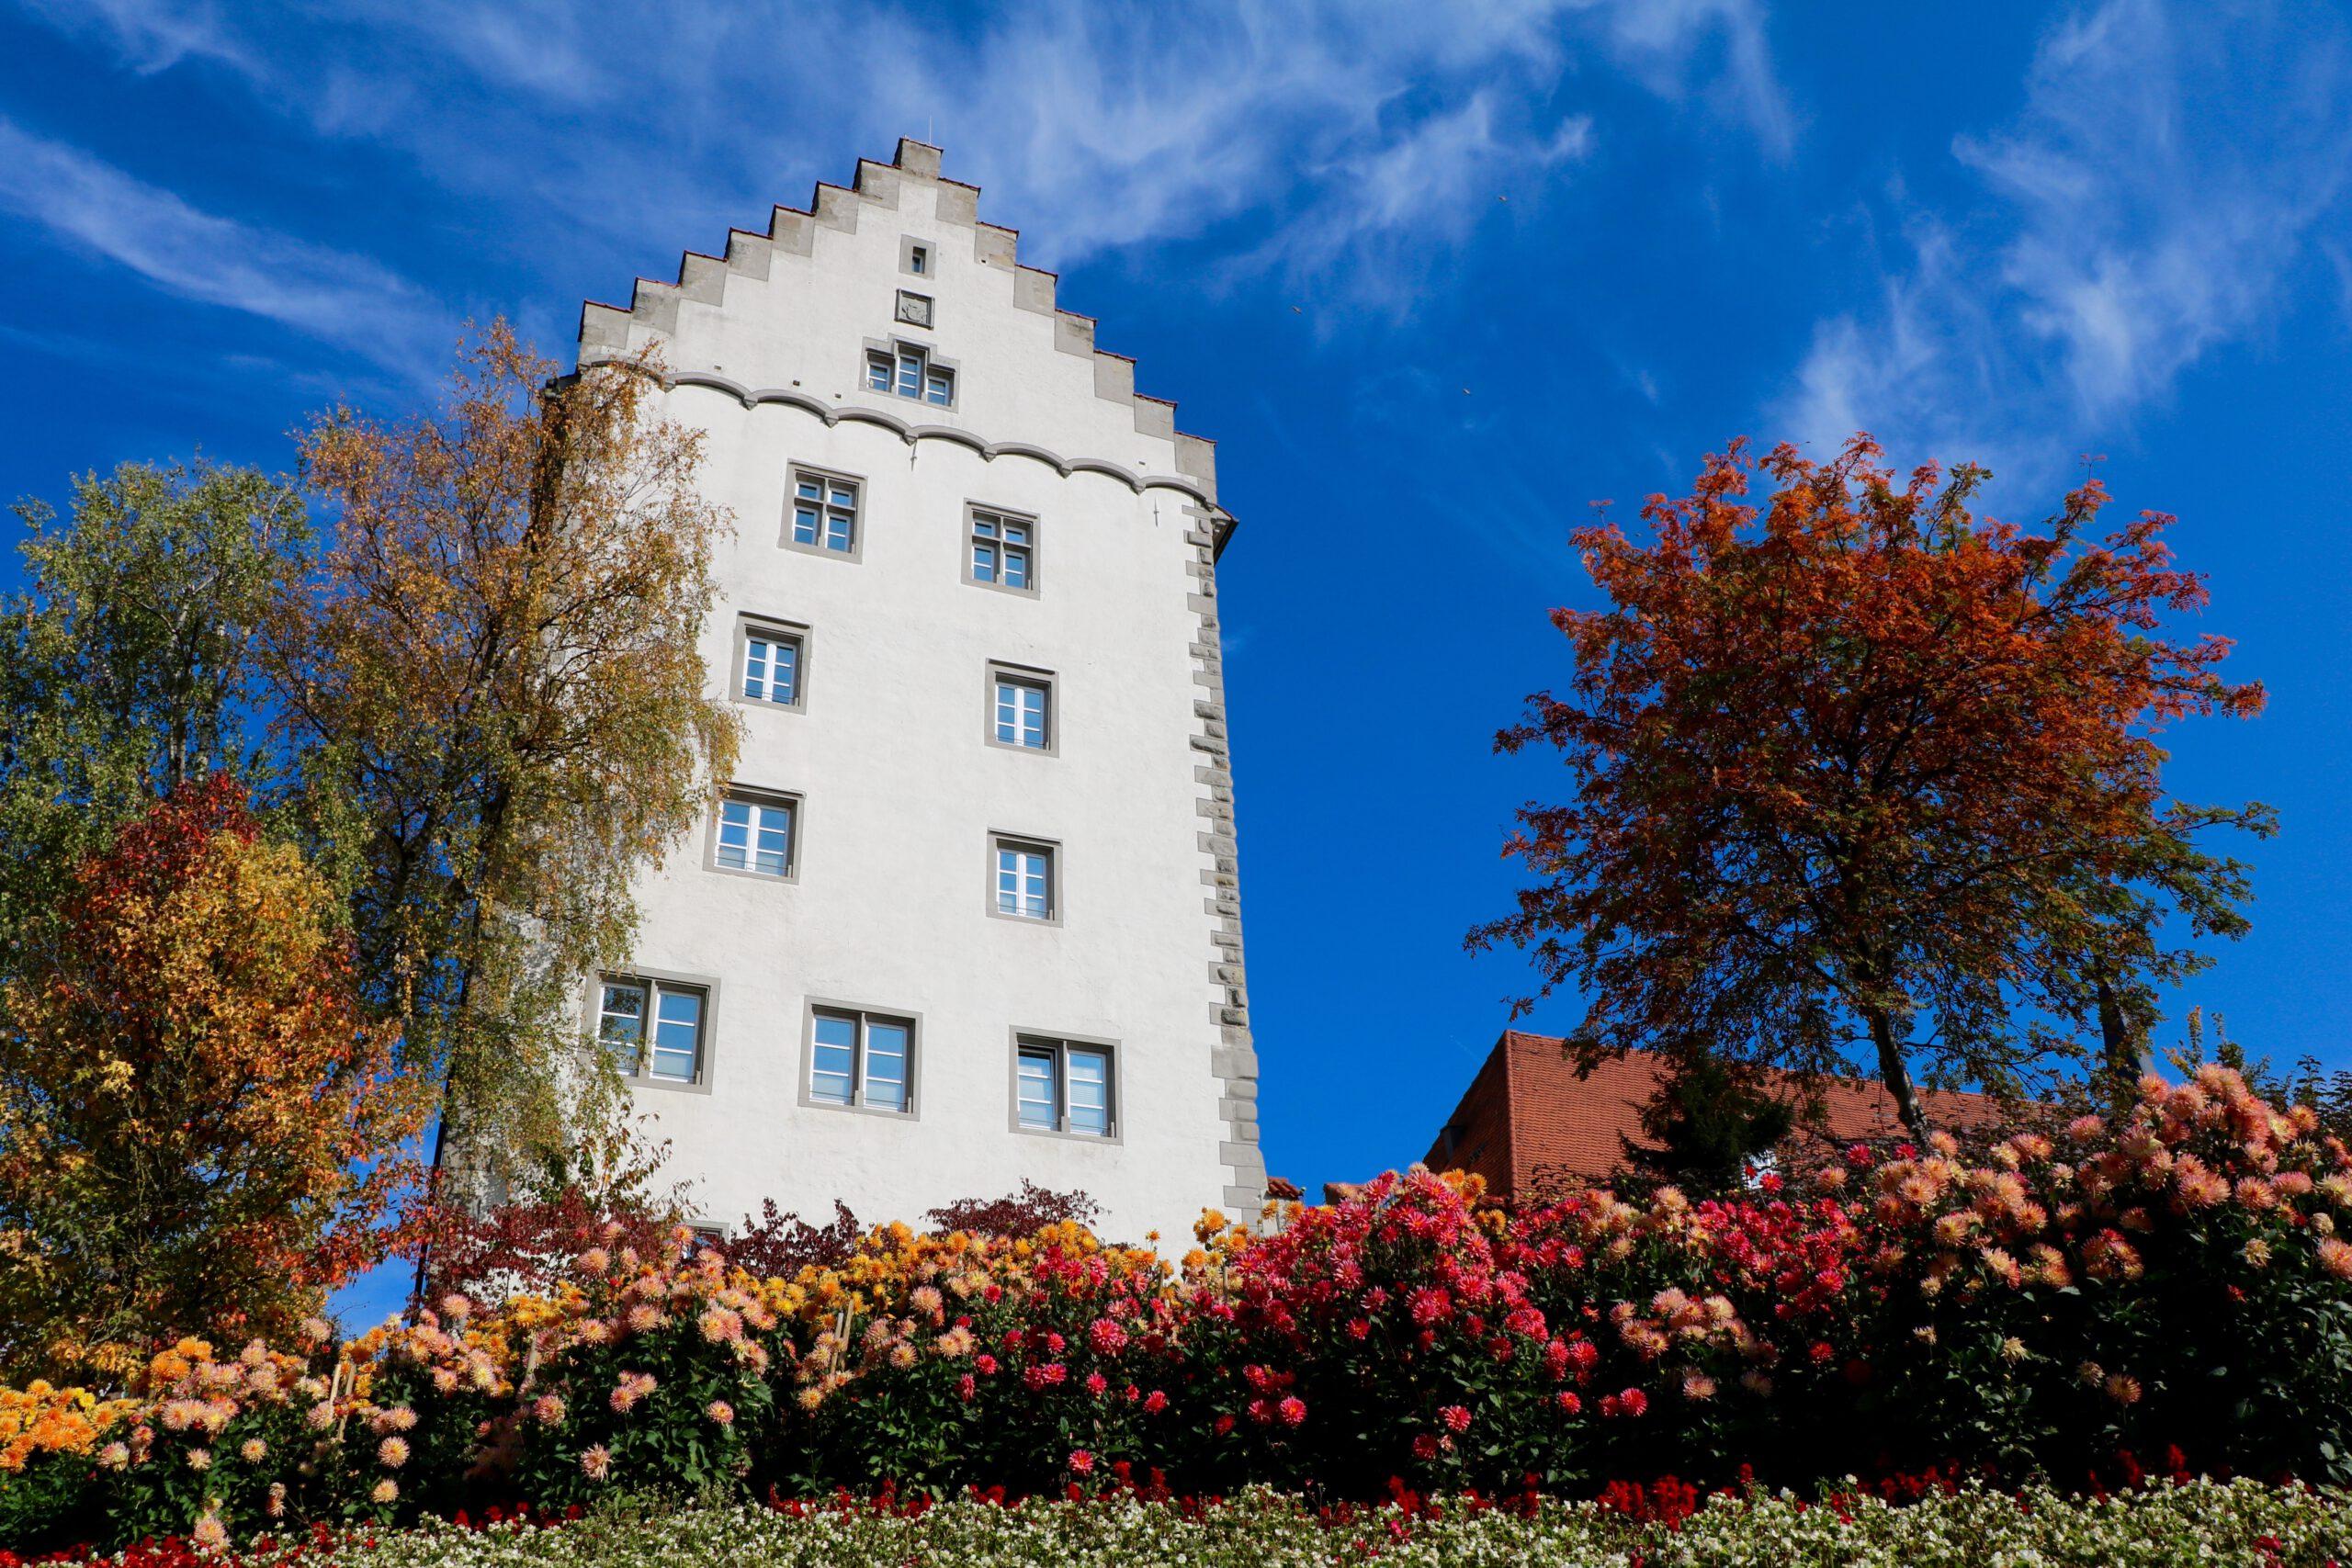 Bischofschloss Markdorf